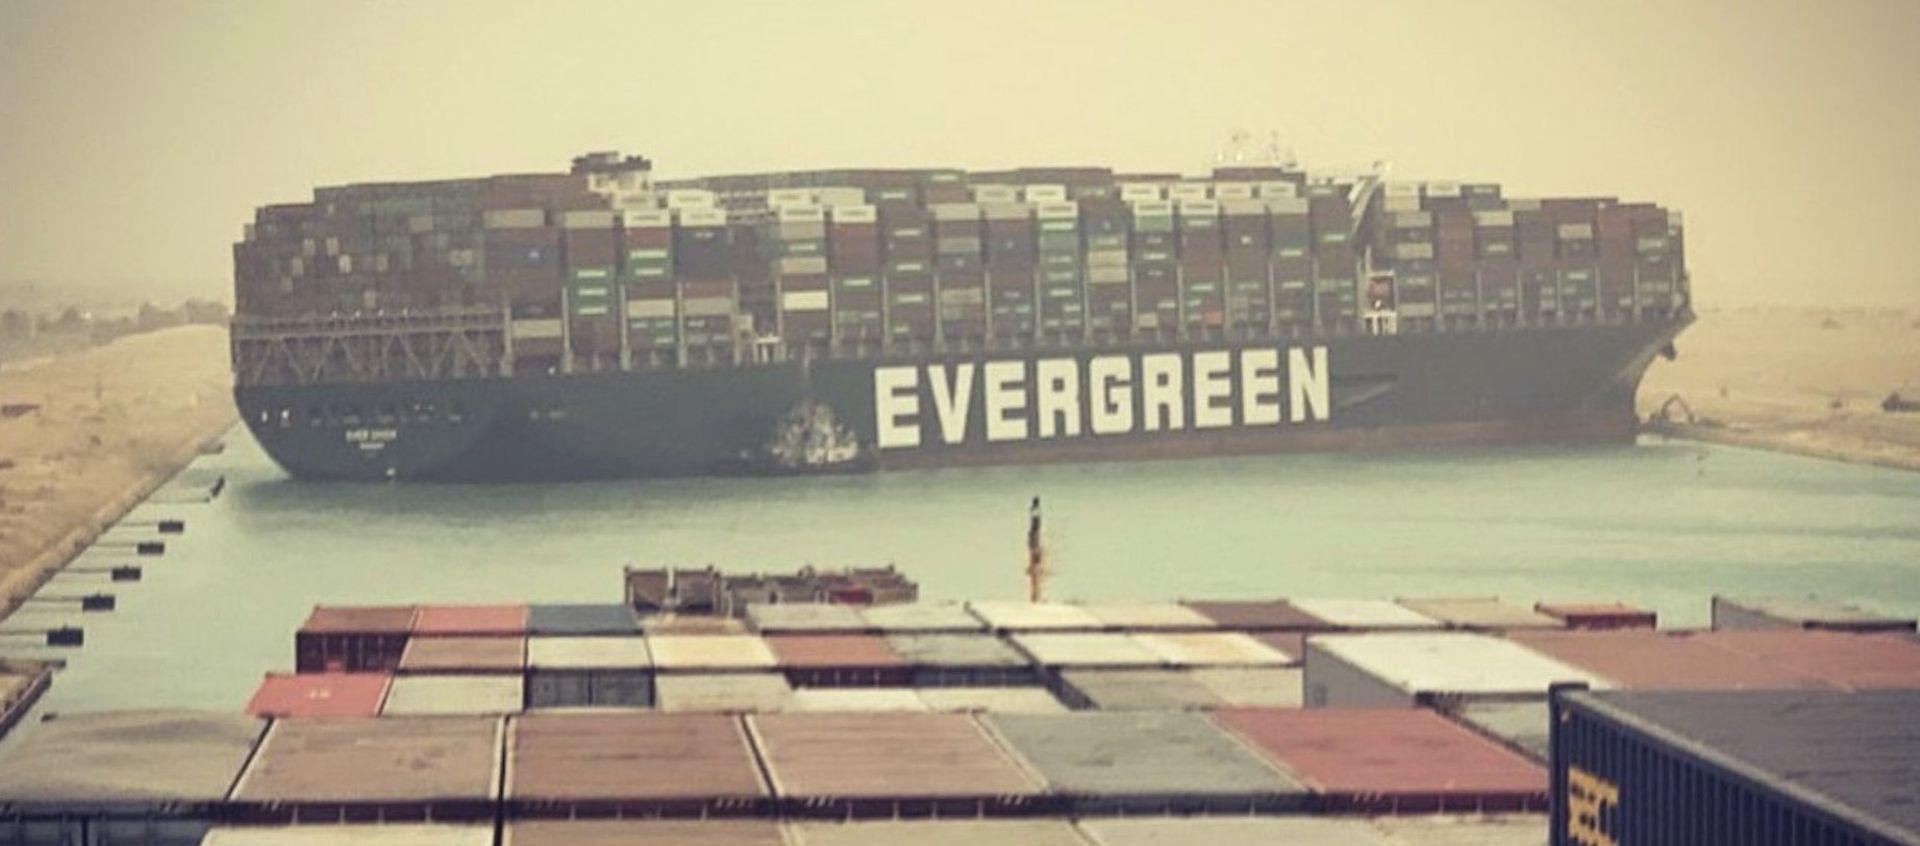 Há dimensão máxima para os navios?